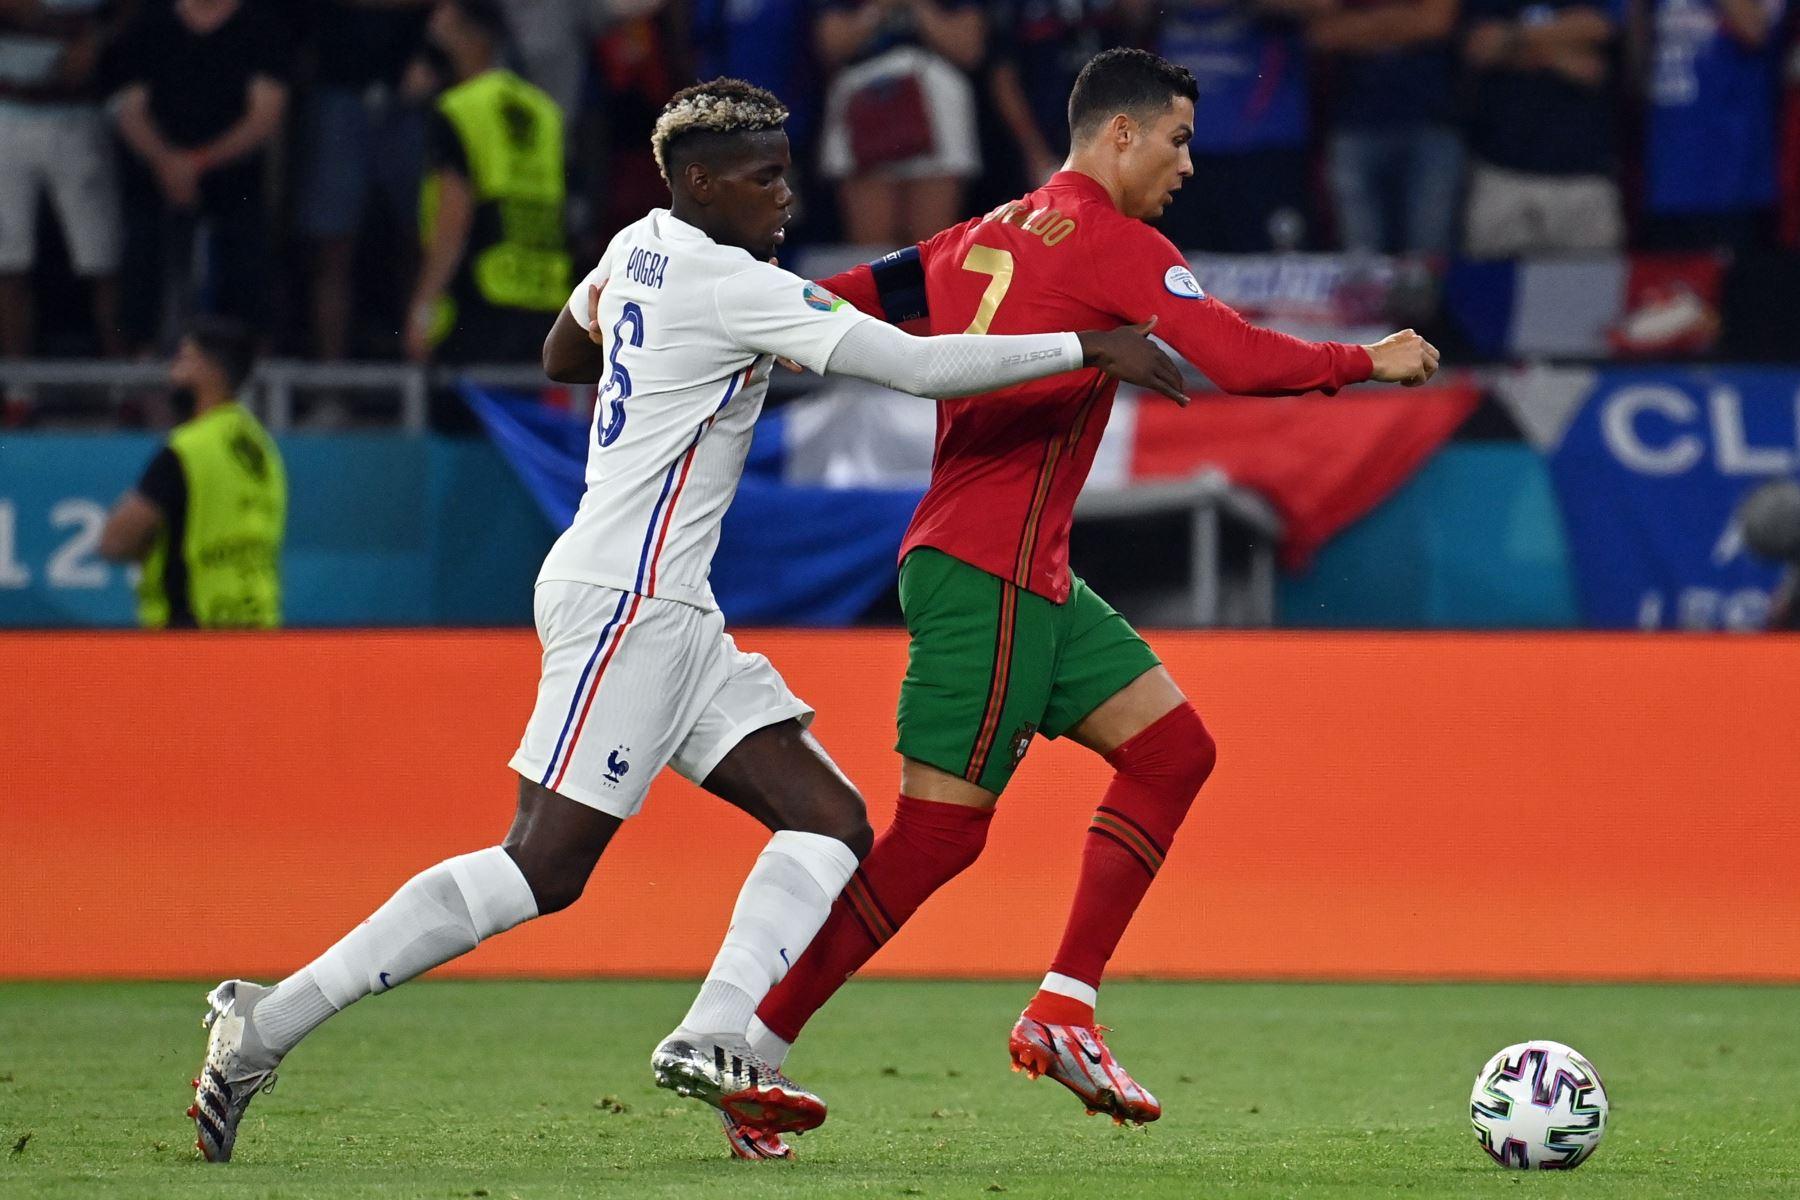 Cristiano Ronaldo de Portugal en acción contra Paul Pogba de Francia durante el partido por el grupo F de la UEFA EURO 2020, en Budapest, Hungría. Foto: EFE